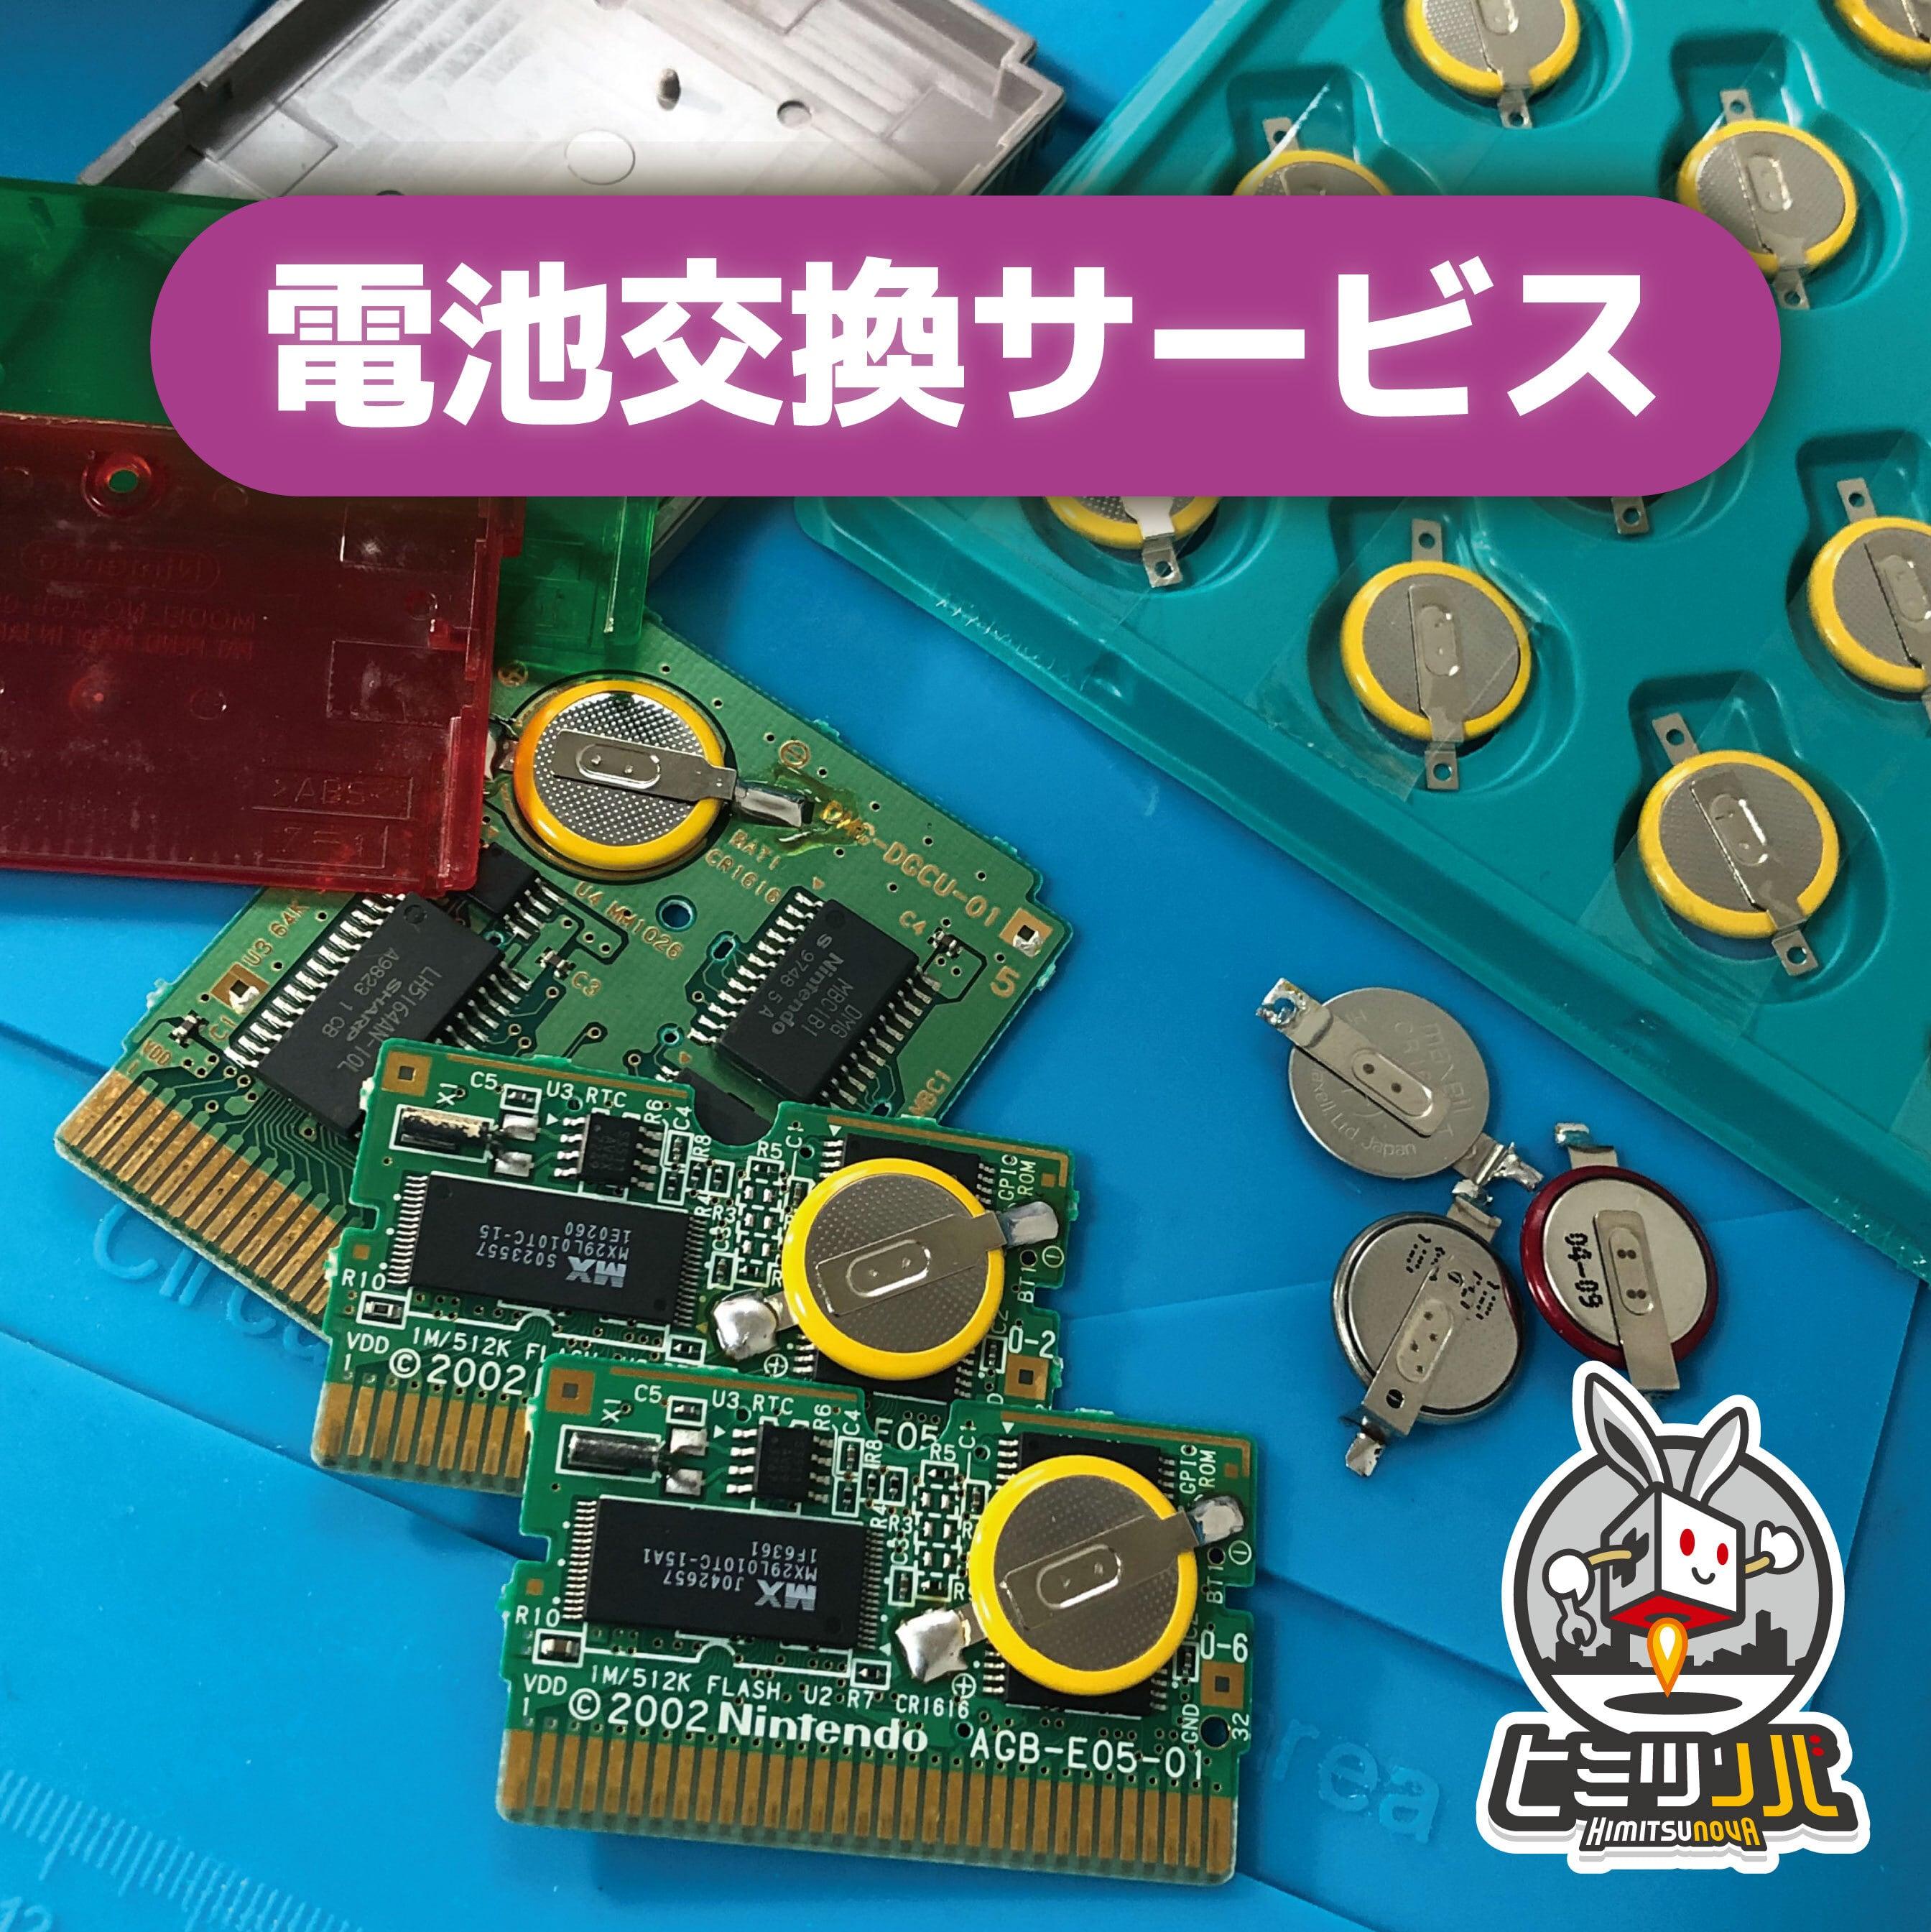 GBシリーズ / SFCソフト 電池交換サービス